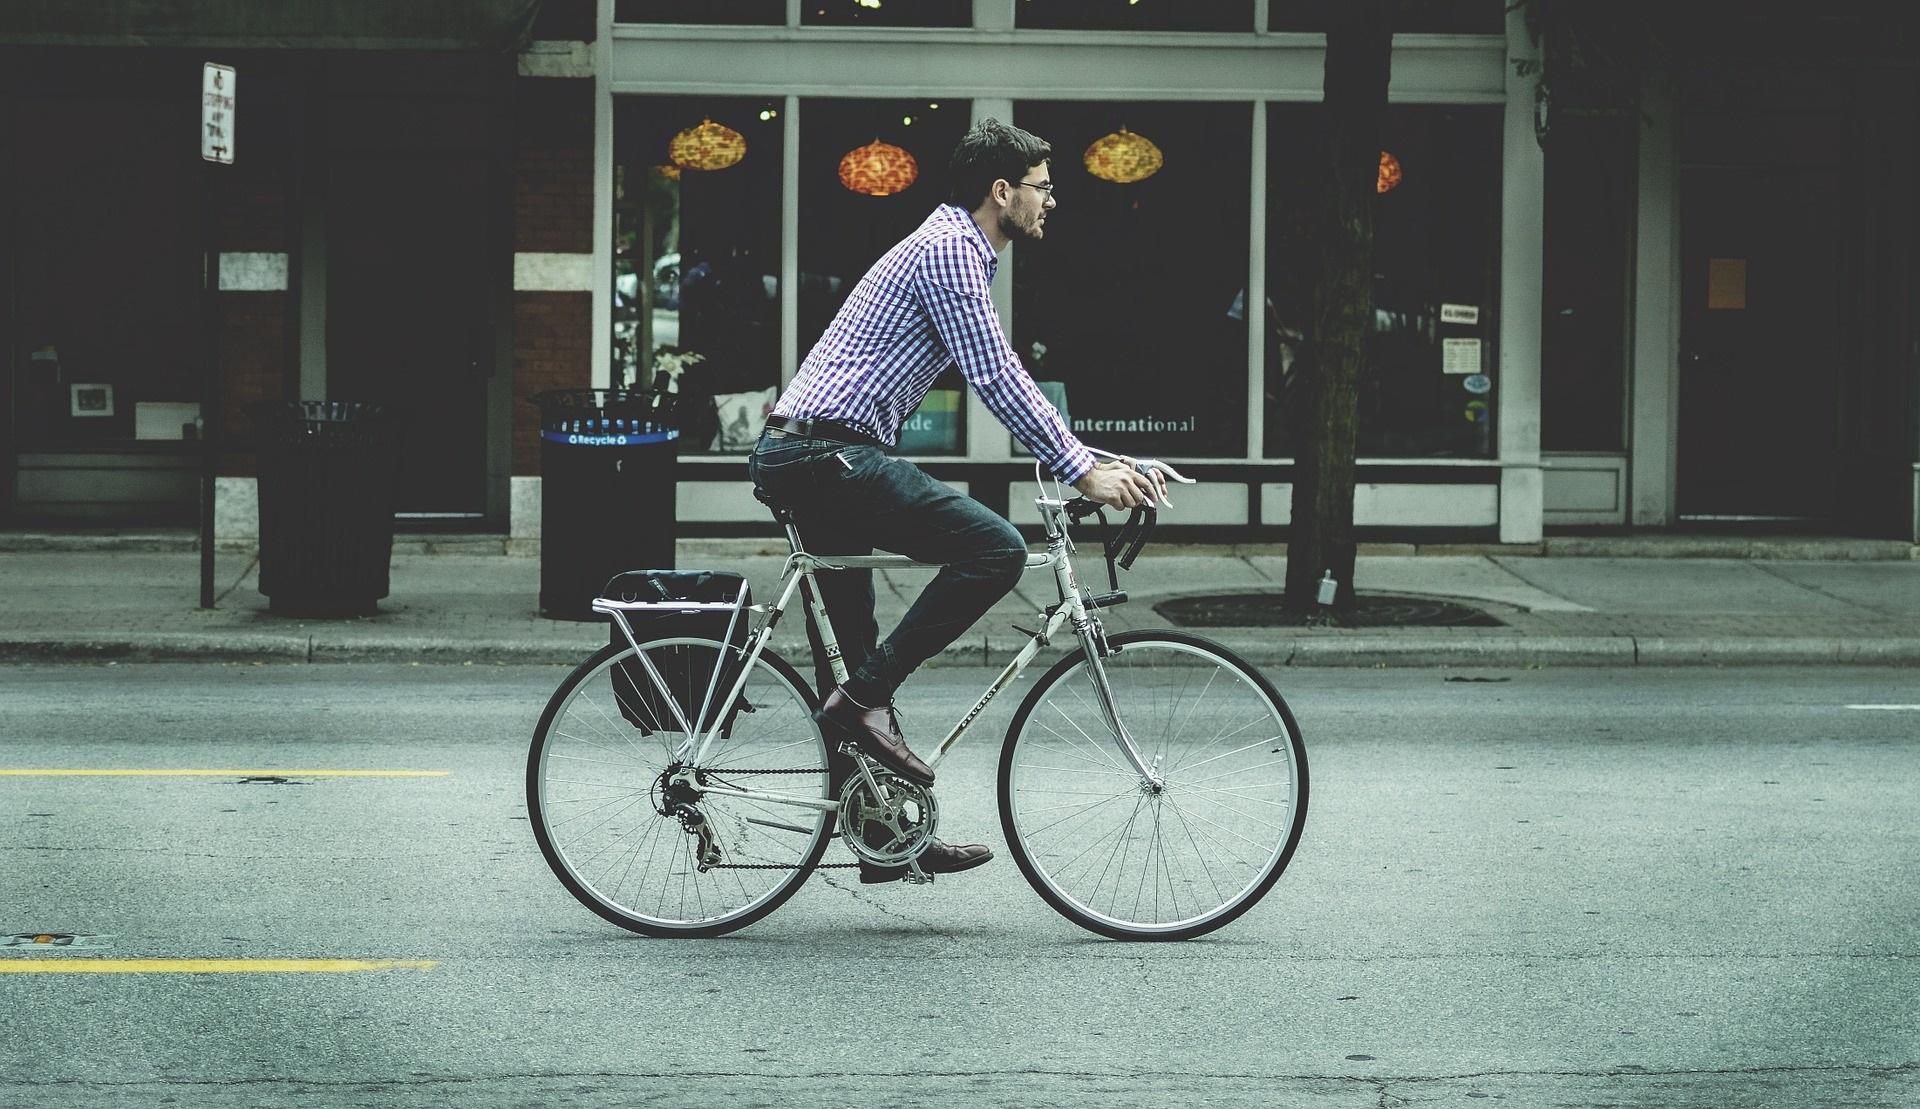 Movilidad urbana sostenible, un reto para las ciudades